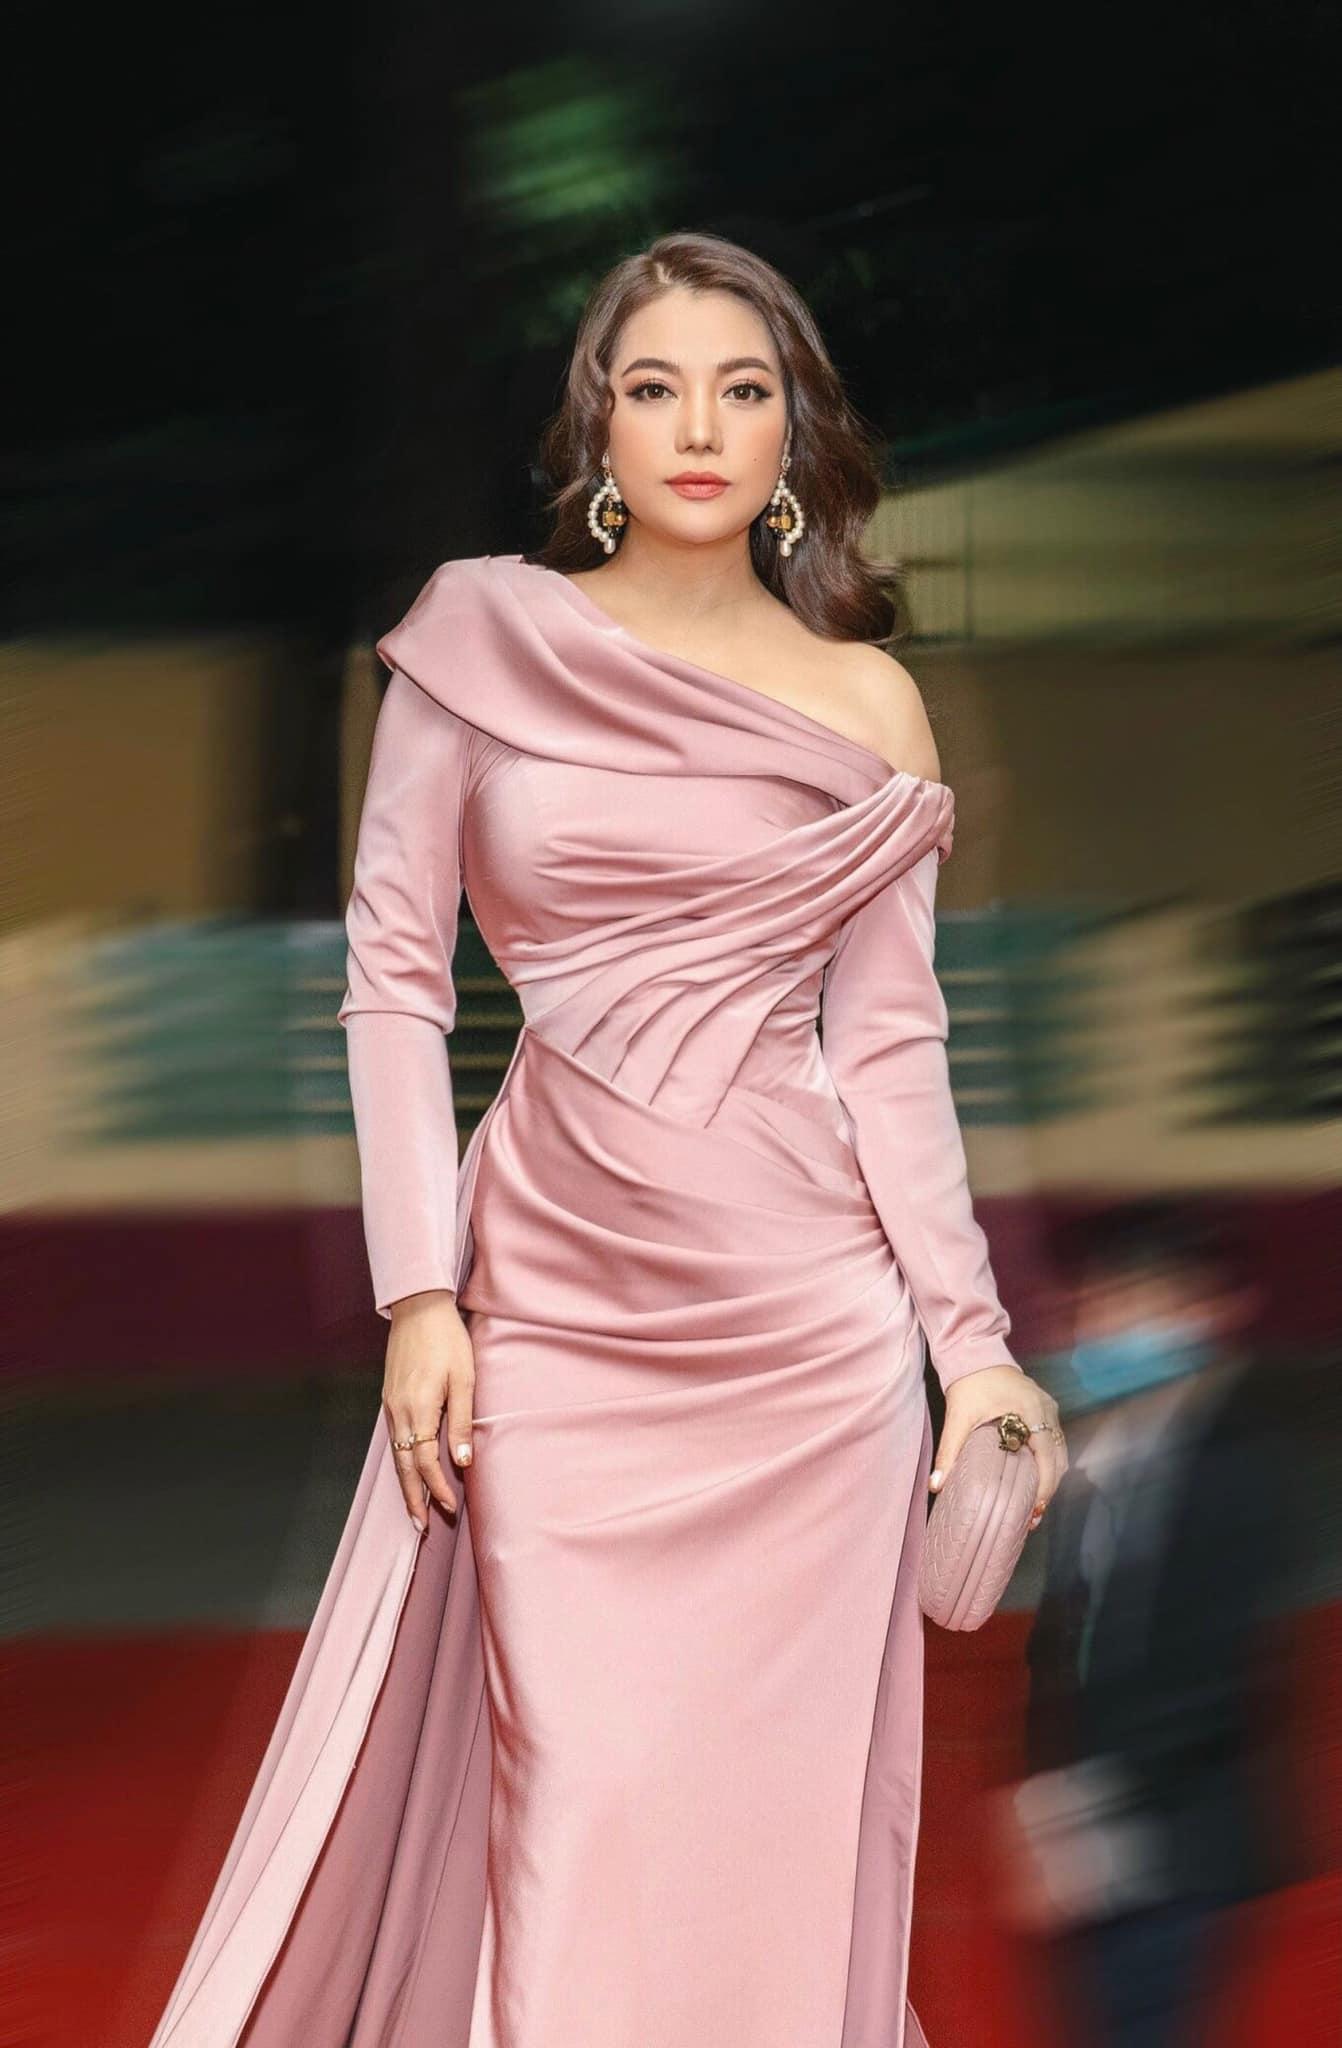 Style amp;#34;chặt chémamp;#34; đôi lúc lận đận, tình cũ Kim Lý U50 đổi váy công chúa đẹp như nữ thần - 1